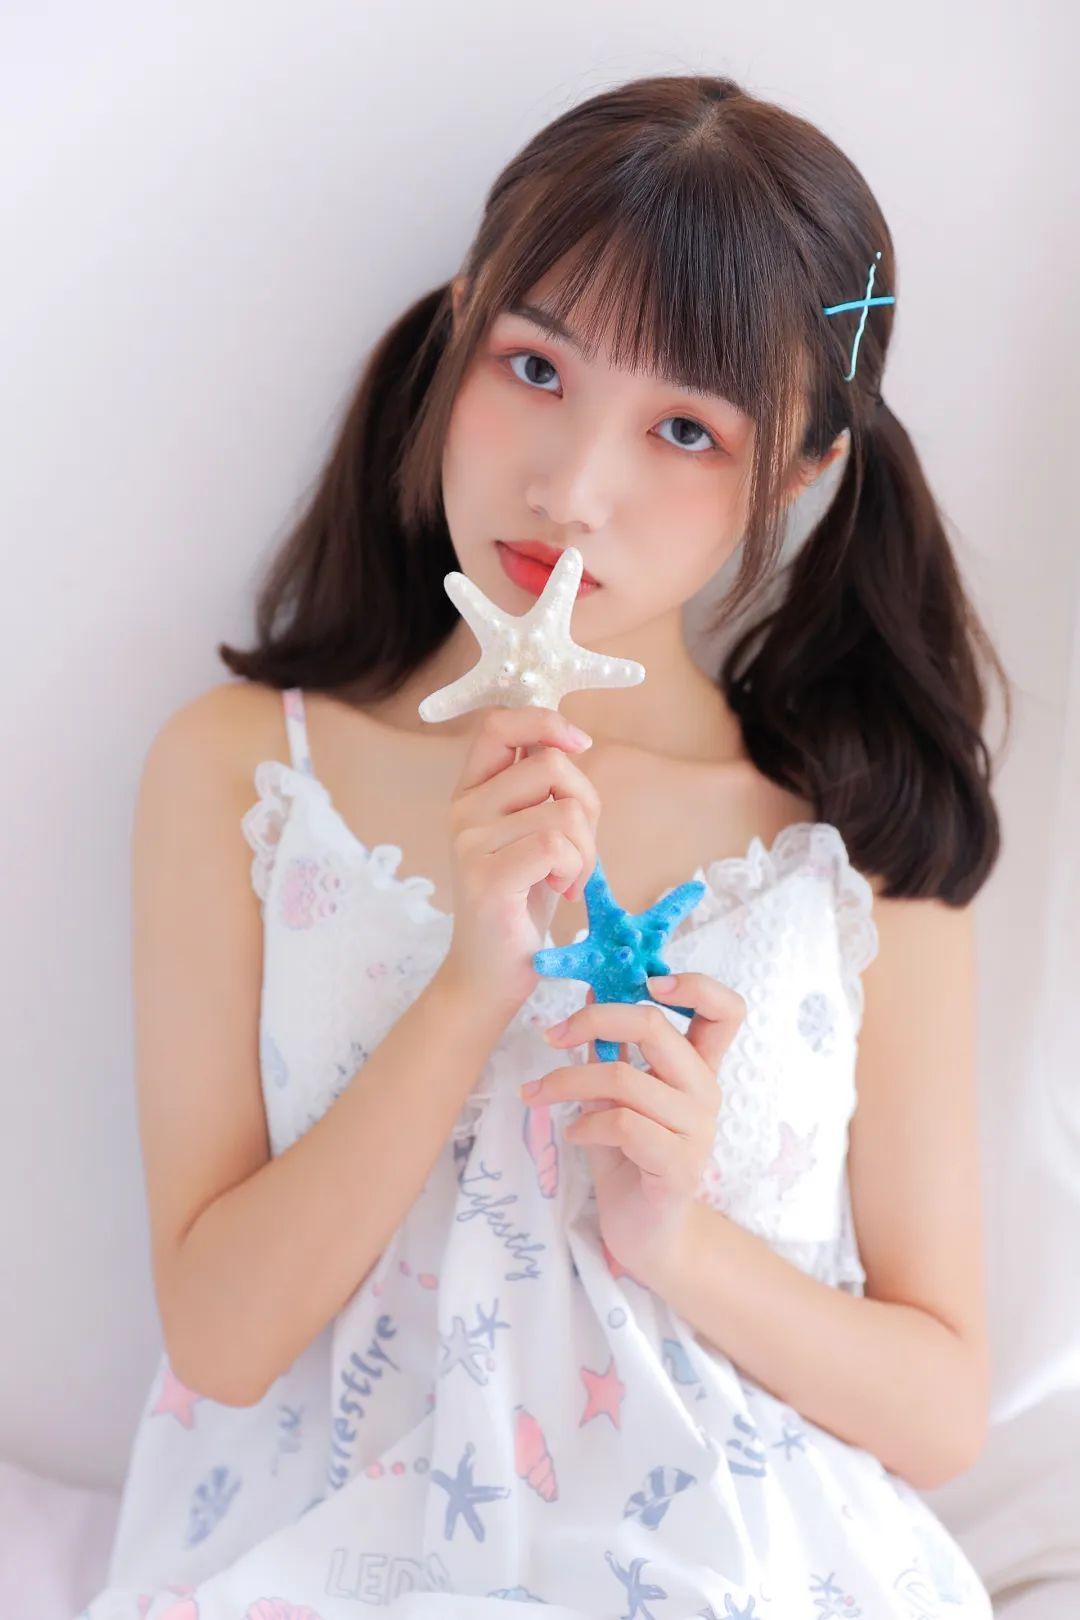 妹子摄影 – 短裙萝莉双马尾_图片 No.2